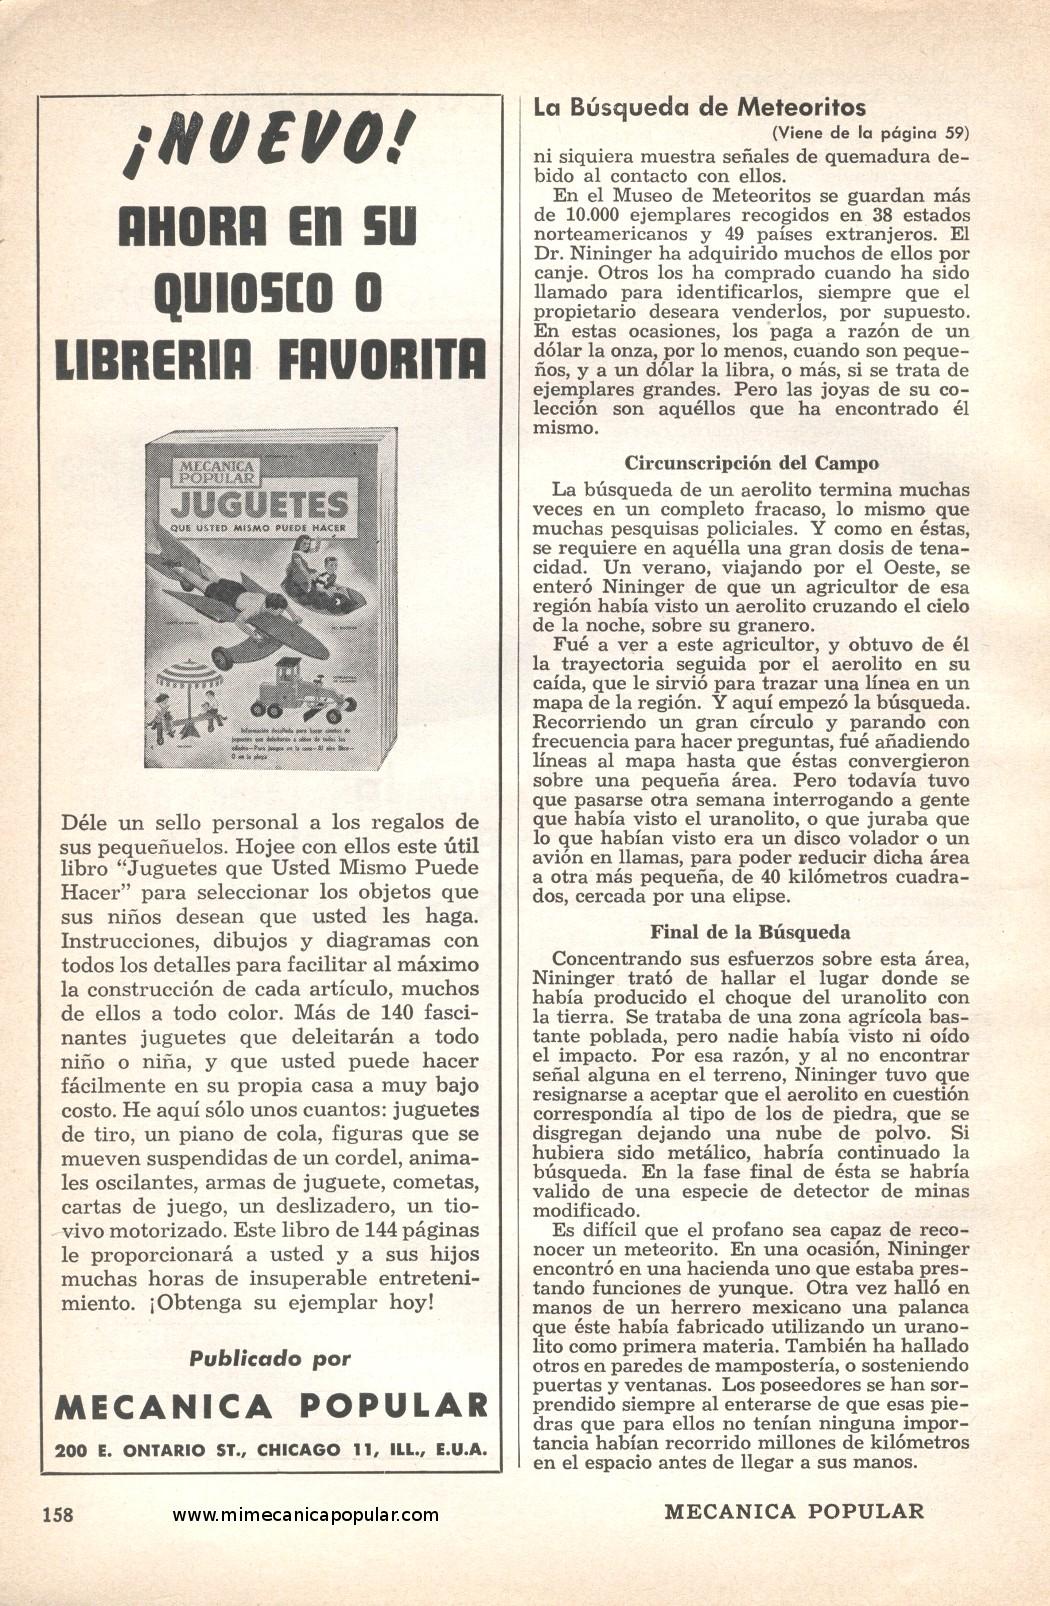 La búsqueda de meteoritos. Busqueda_de_meteoritos_junio_1958-03g